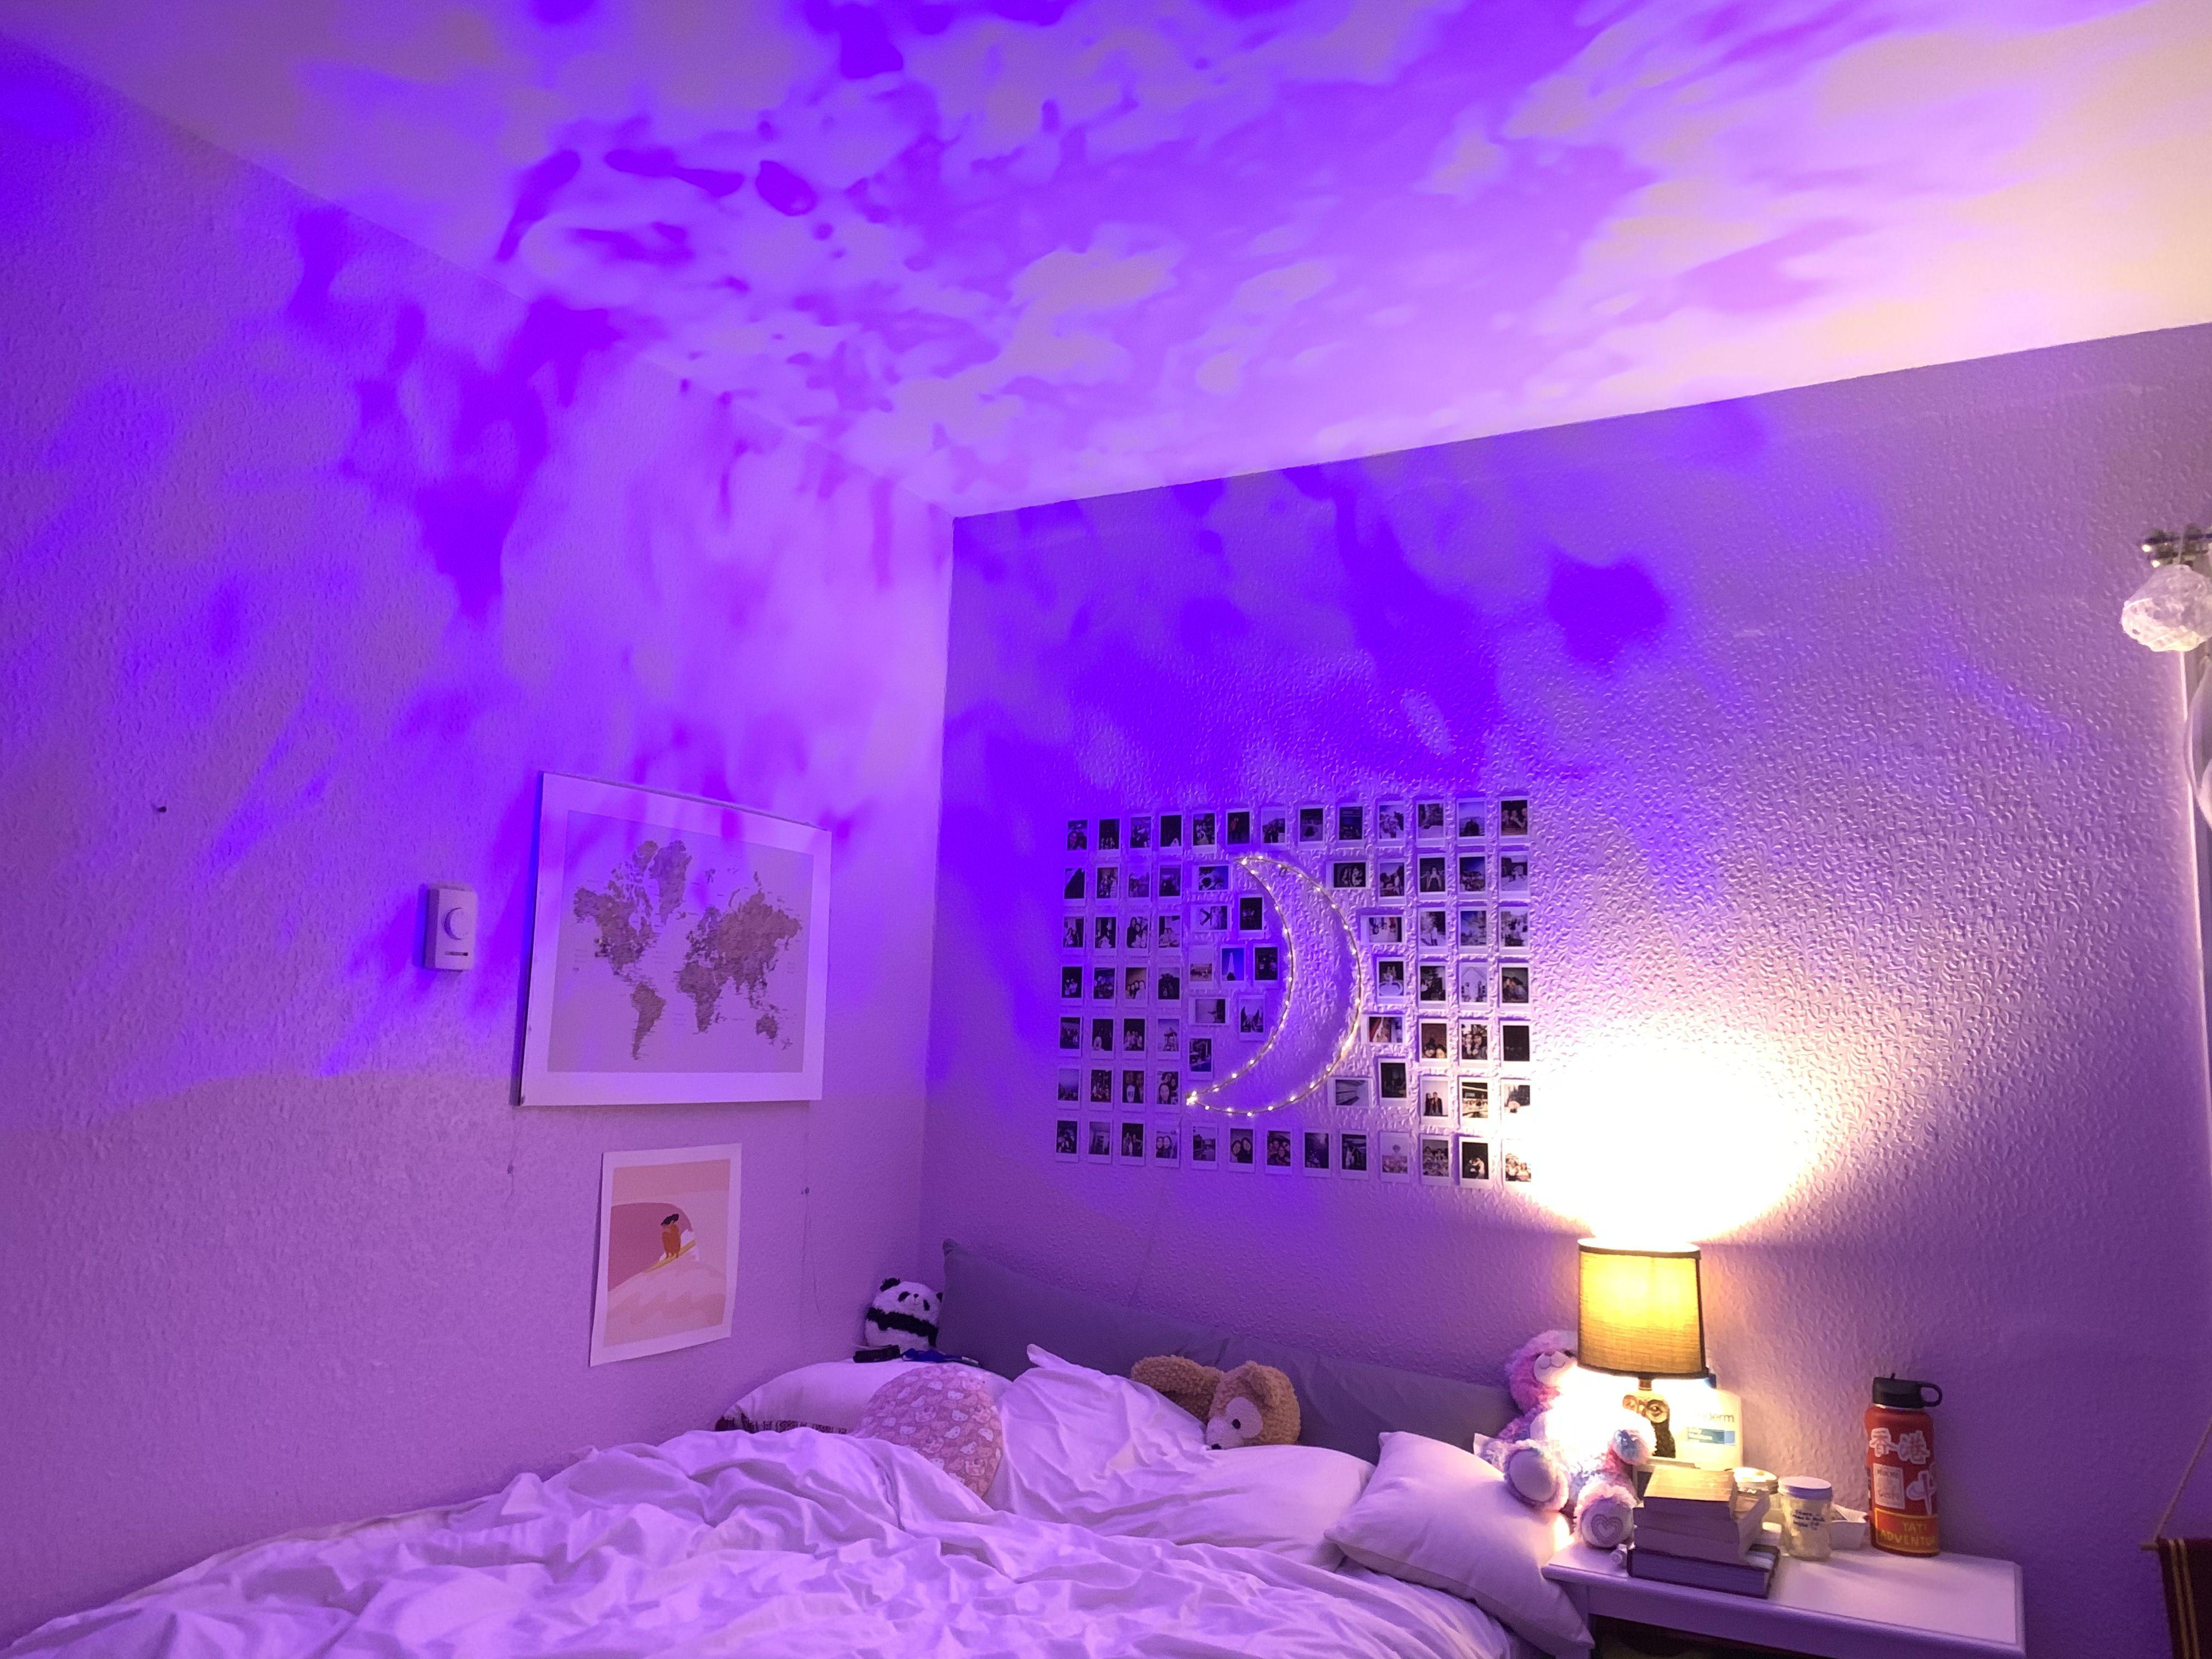 Room Teenageroom Tiktok Tiktokroom Blisslights Skylights Room Redo Teenage Room Dream Room